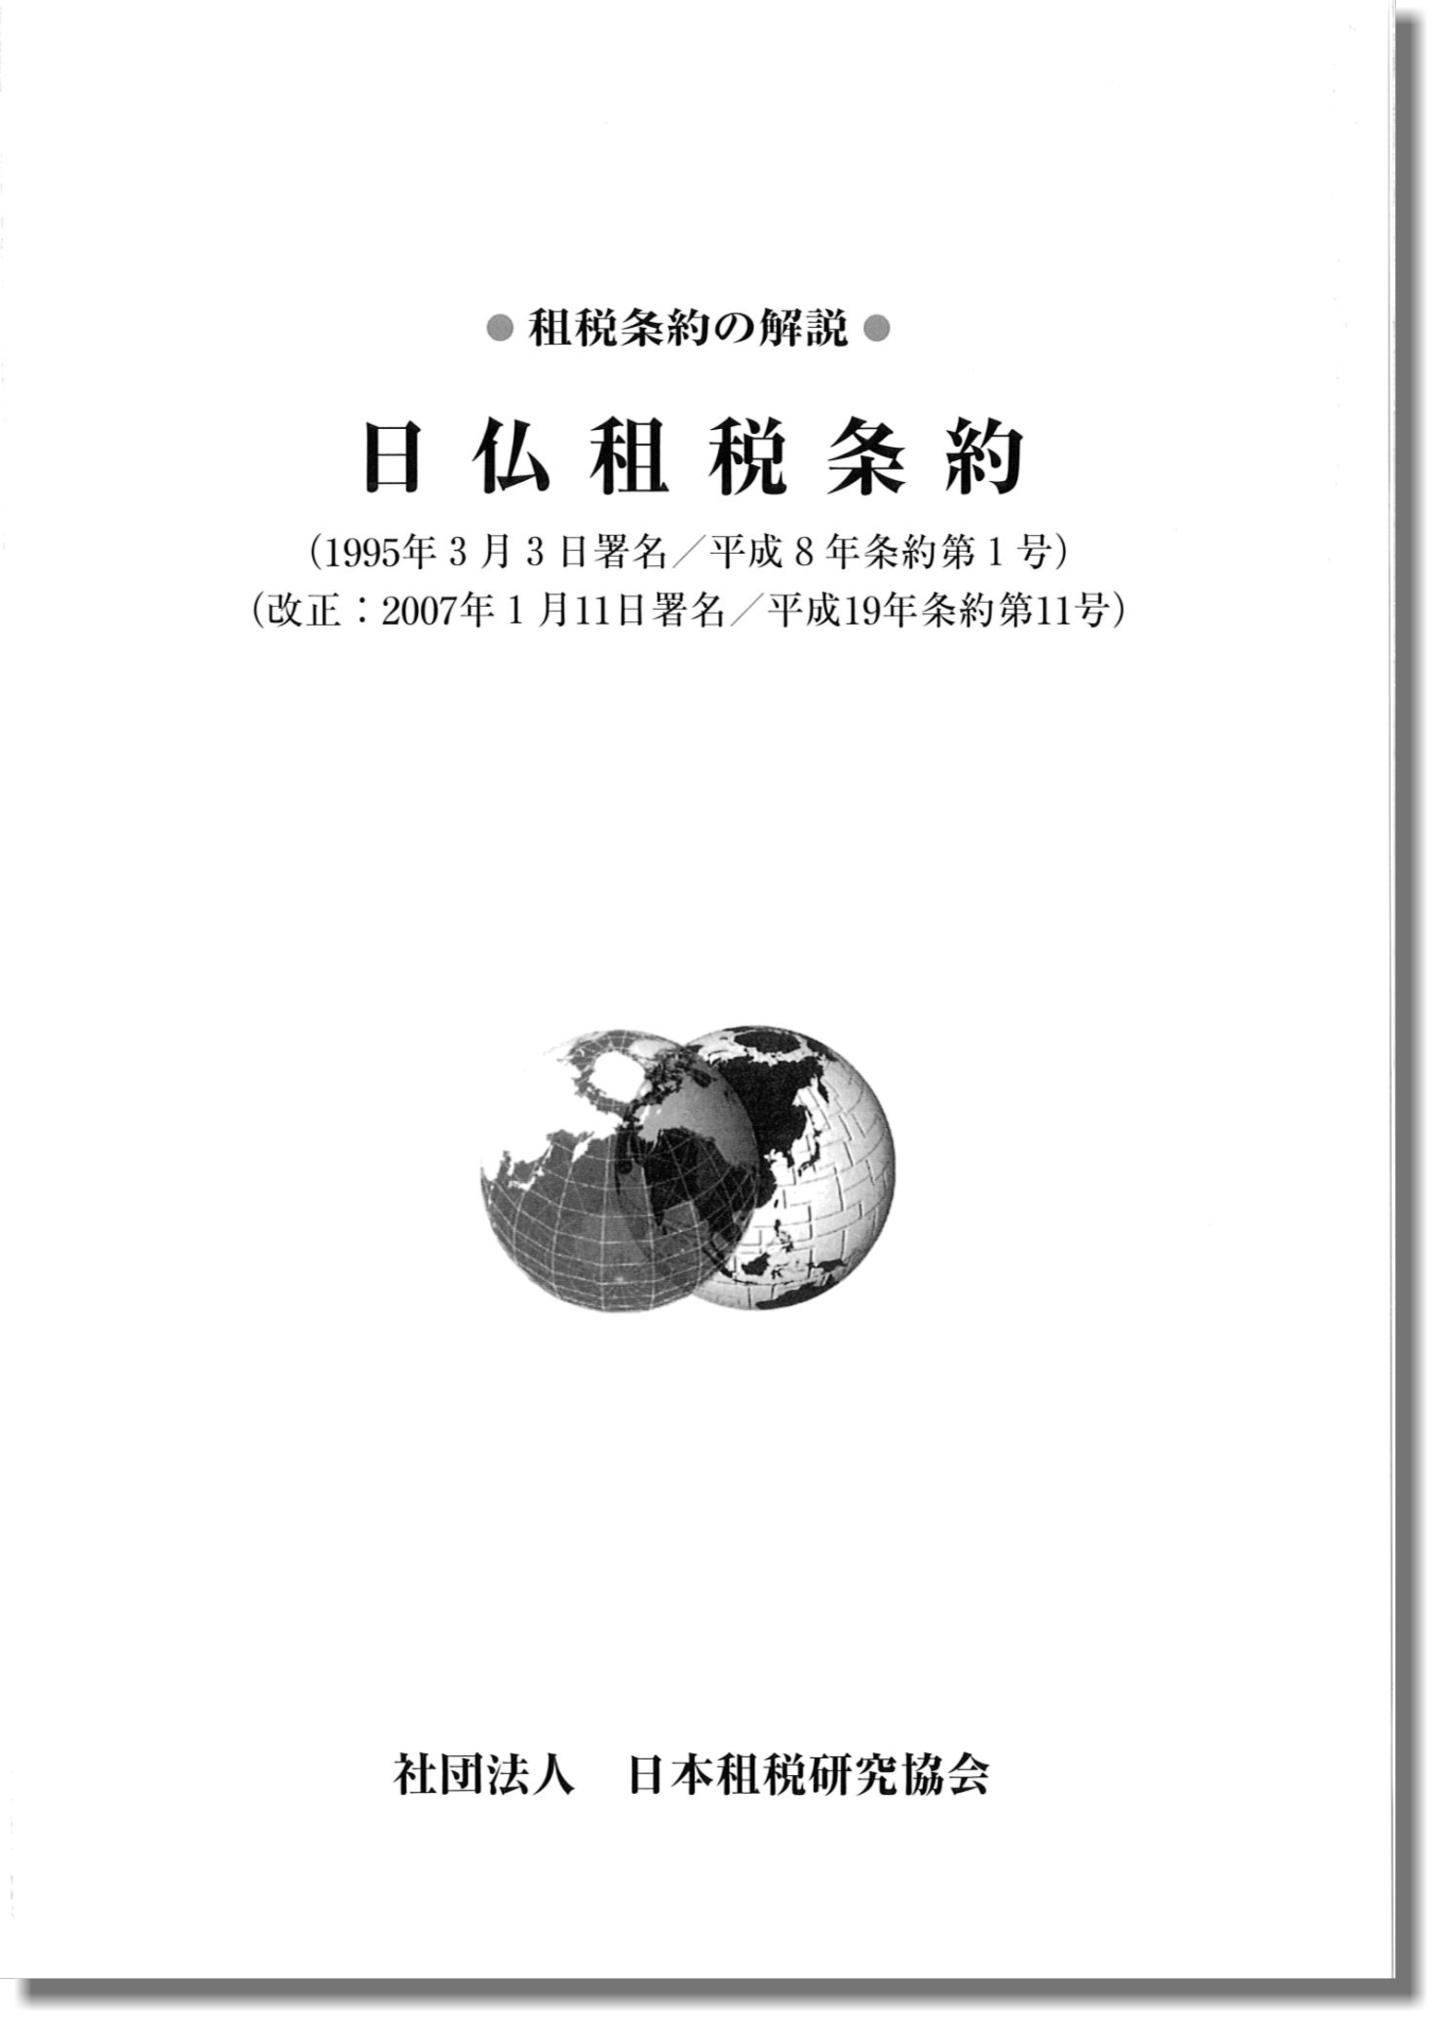 租税条約の解説 -日仏租税条約 (1995年3月3日署名/平成8年条約第1号) (改正:2007年1月11日署名/平成19年条約第11号)